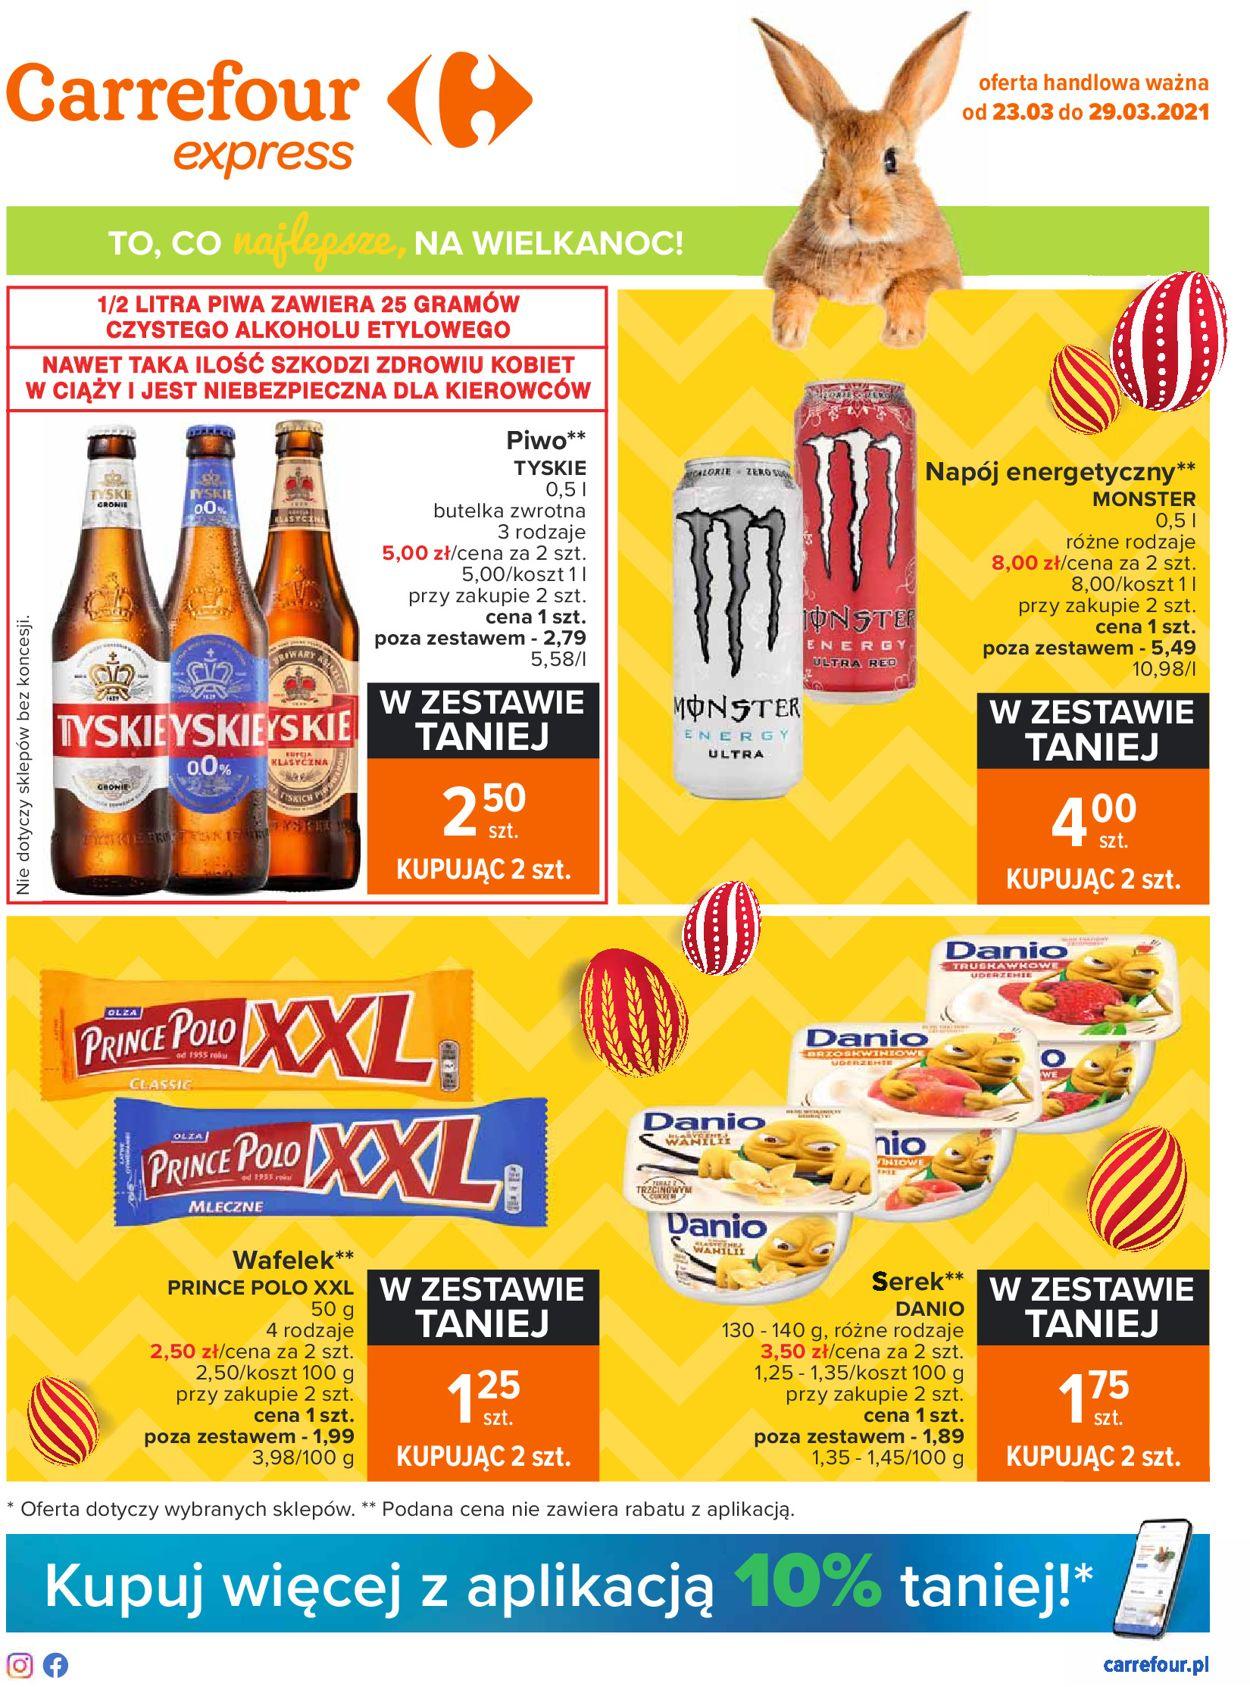 Gazetka promocyjna Carrefour Wielkanoc 2021 - 23.03-29.03.2021